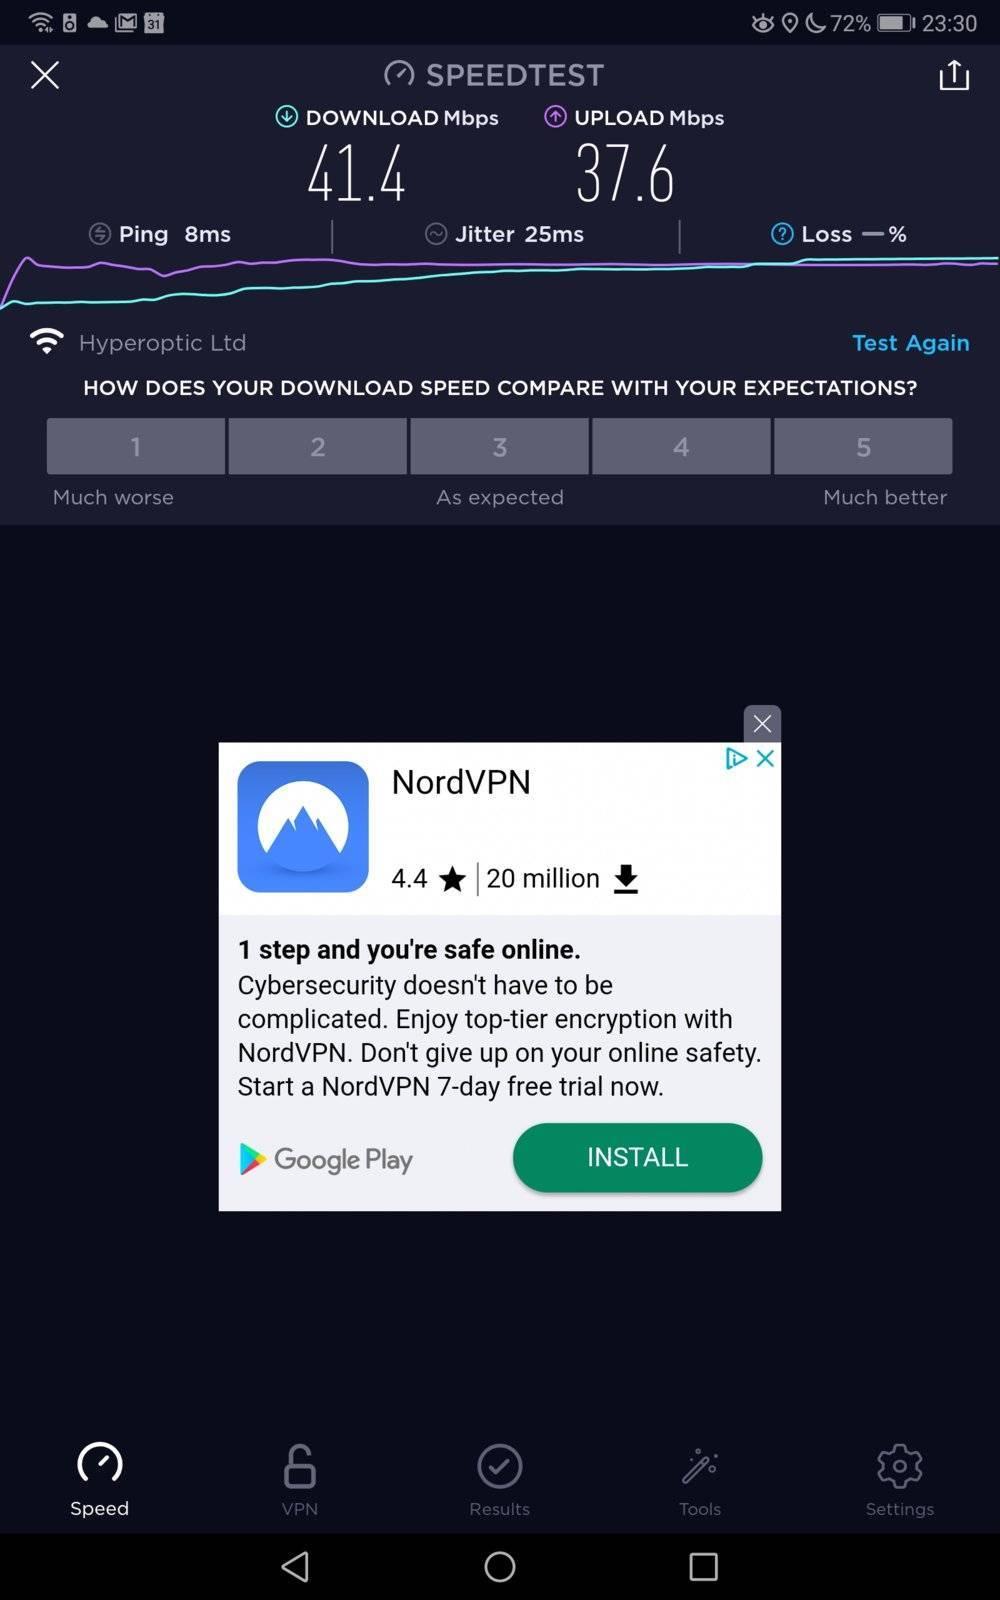 Screenshot_20200302_233018_org.zwanoo.android.speedtest.jpg